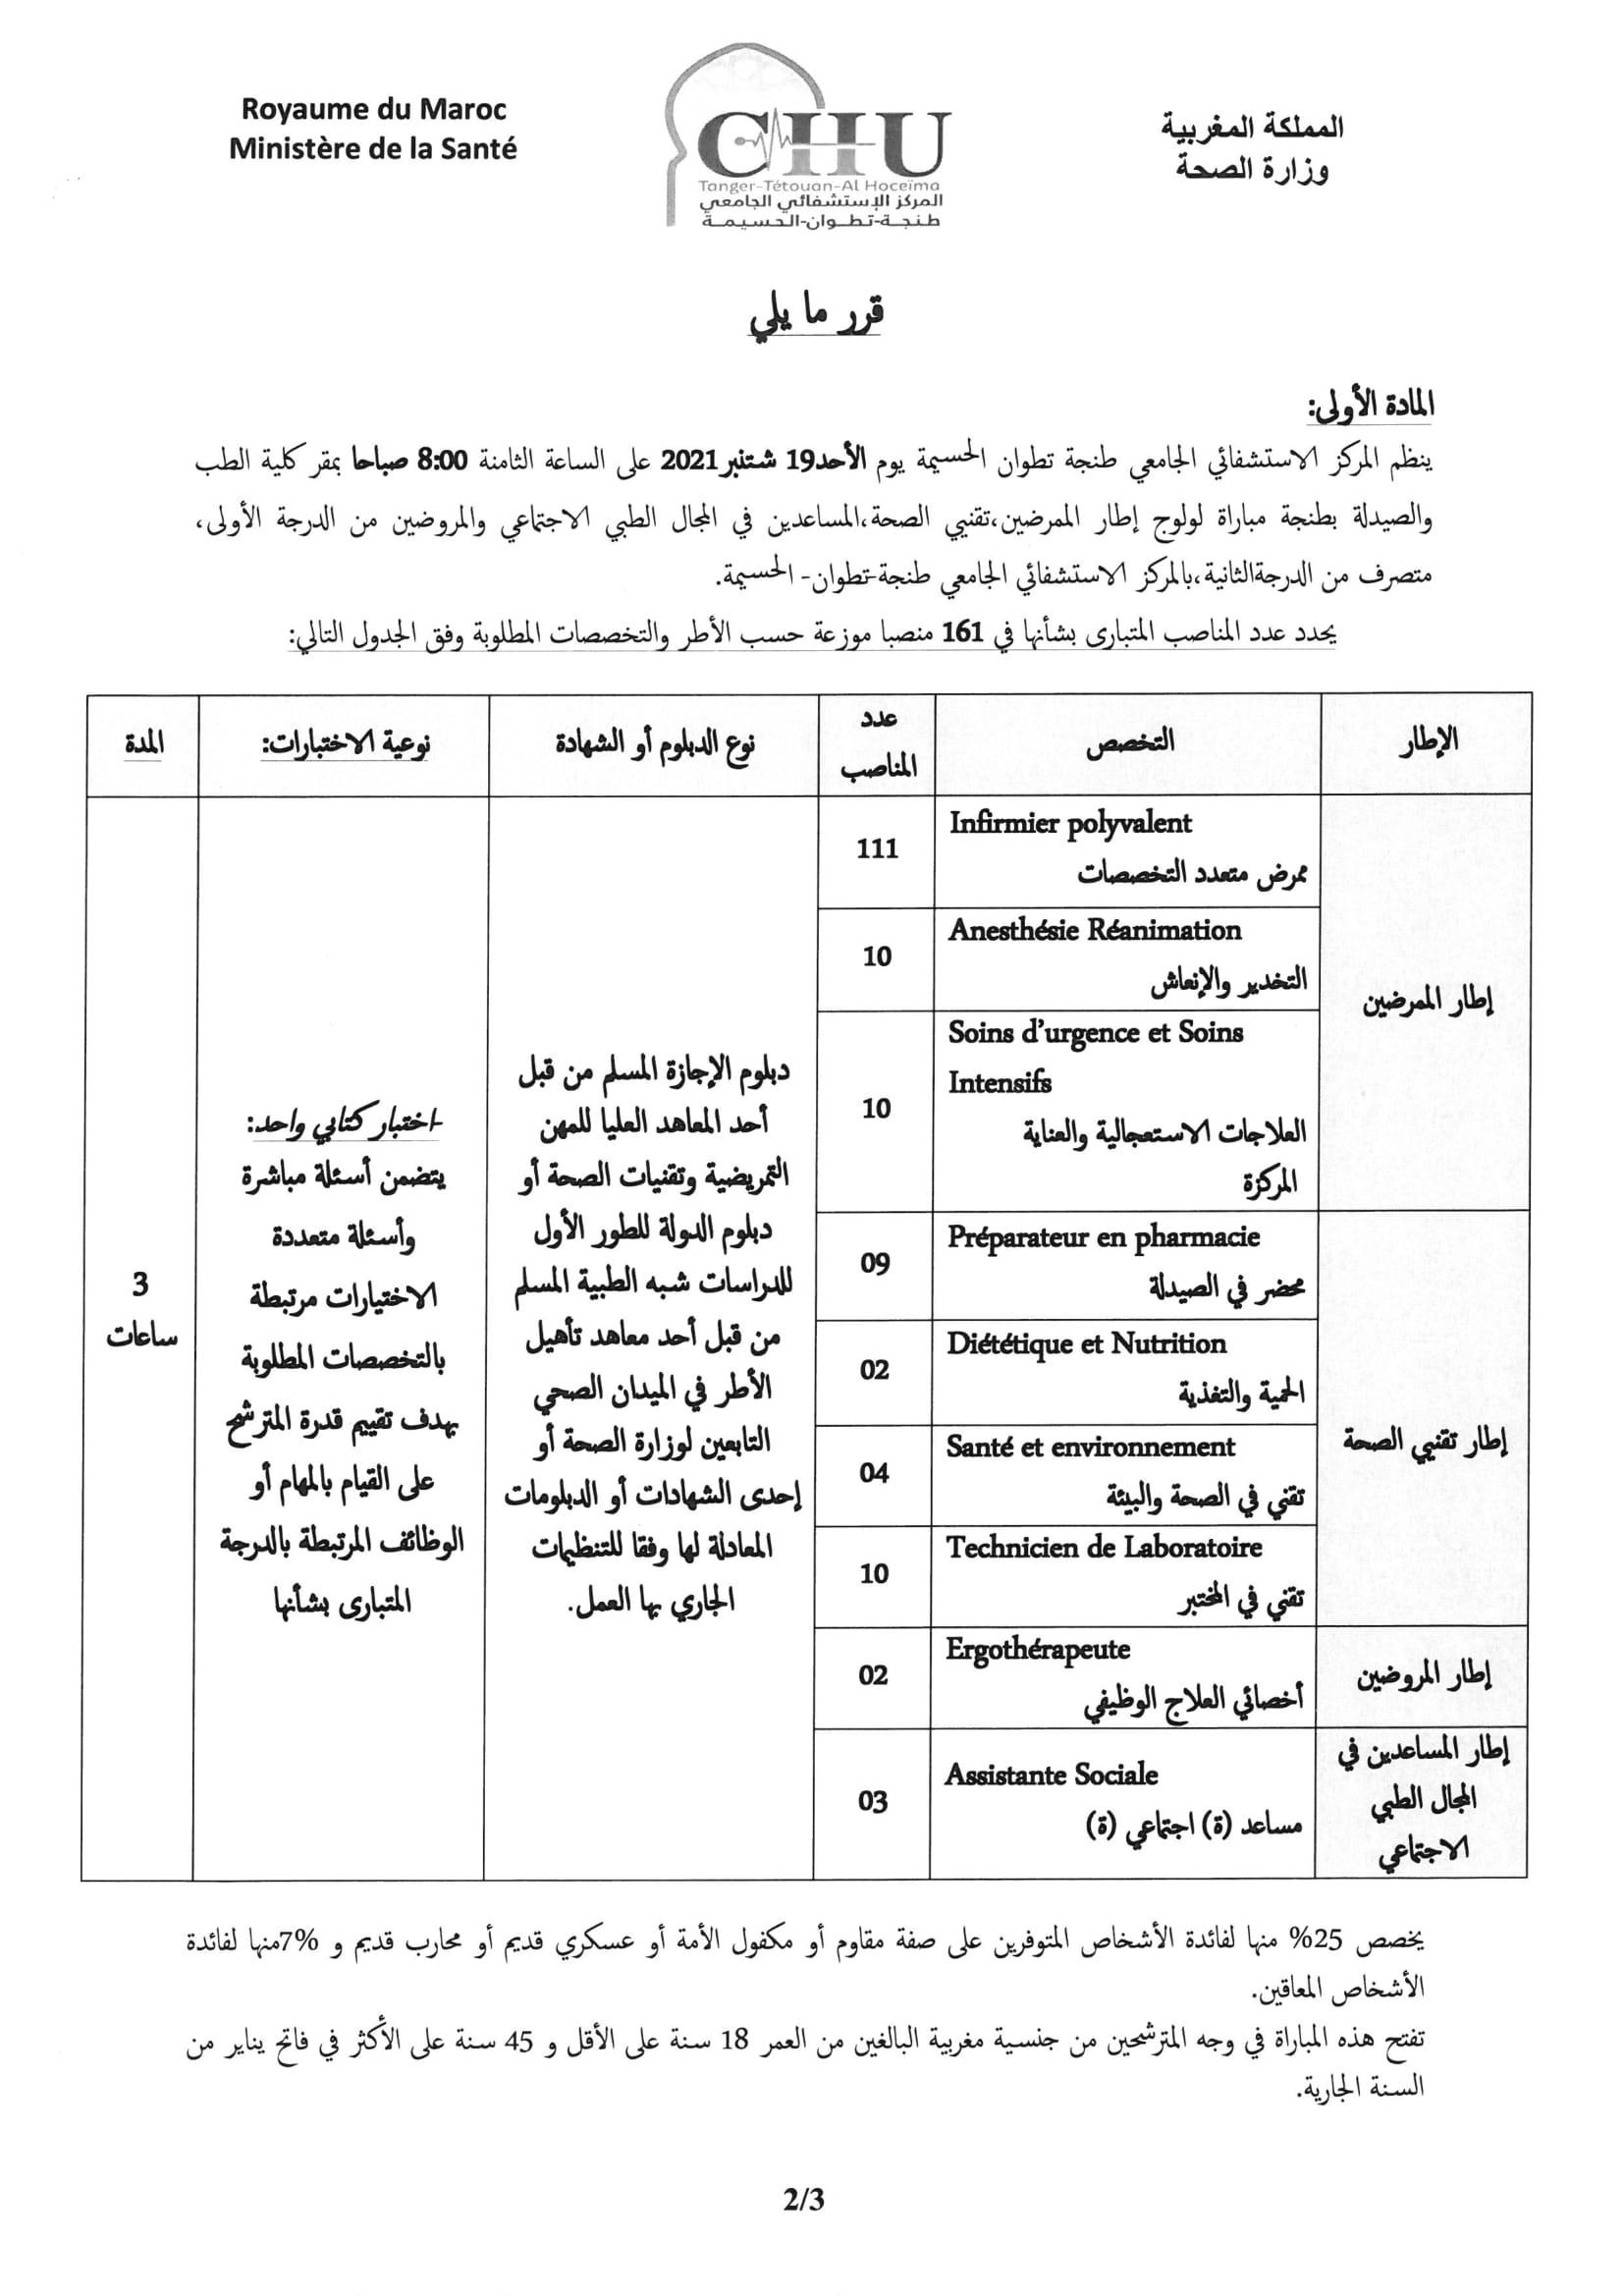 decisionduconcours 2 Concours de Recrutement CHU Tanger 2021 (161 Postes)